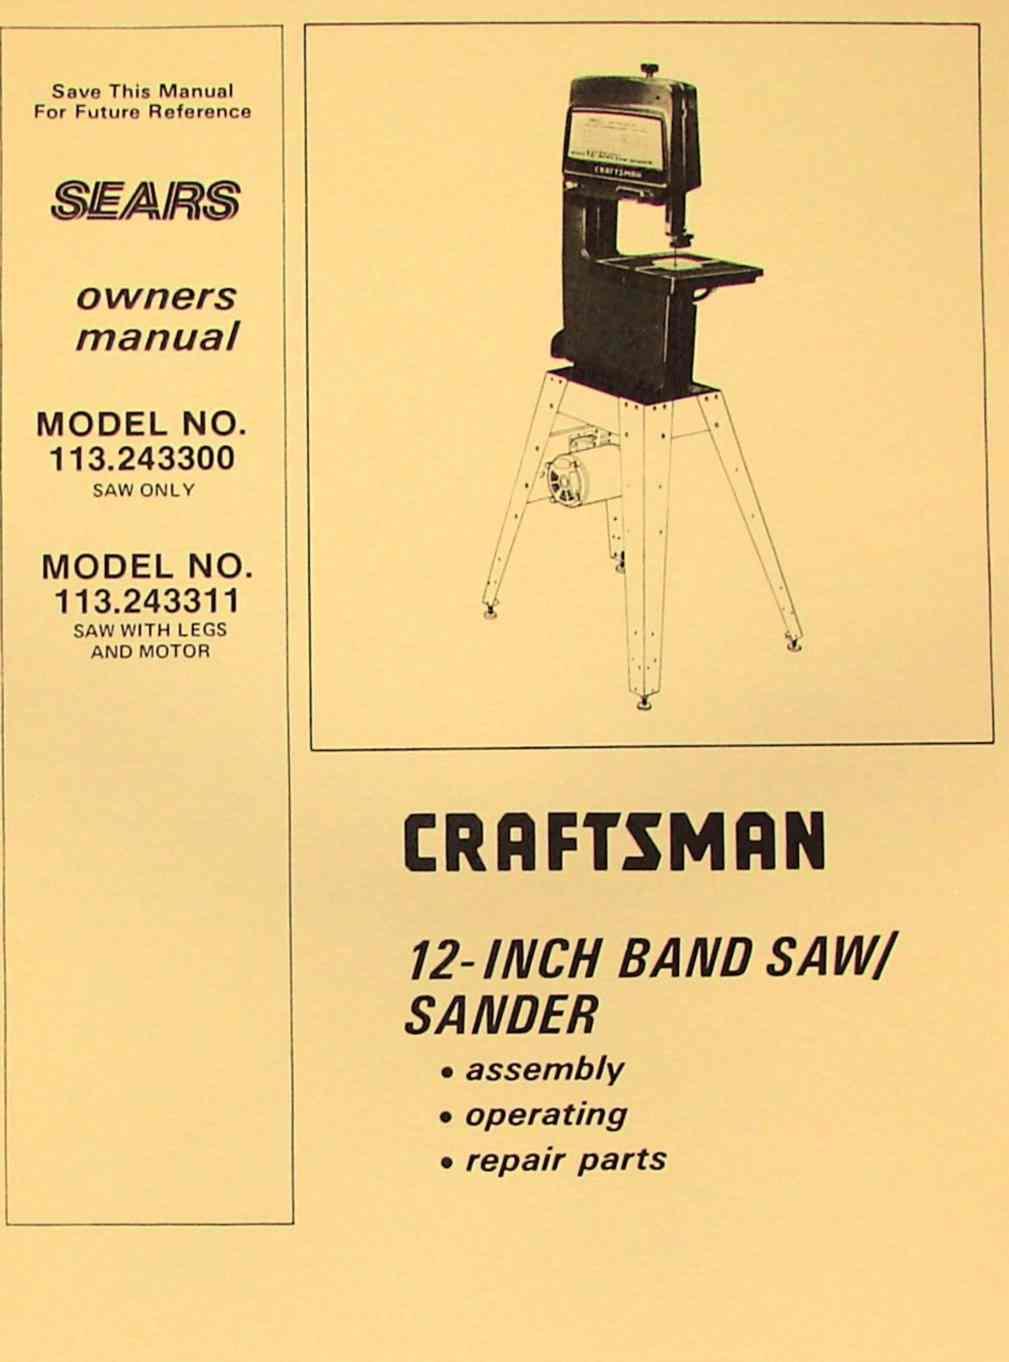 craftsman 12 band saw sander. Black Bedroom Furniture Sets. Home Design Ideas